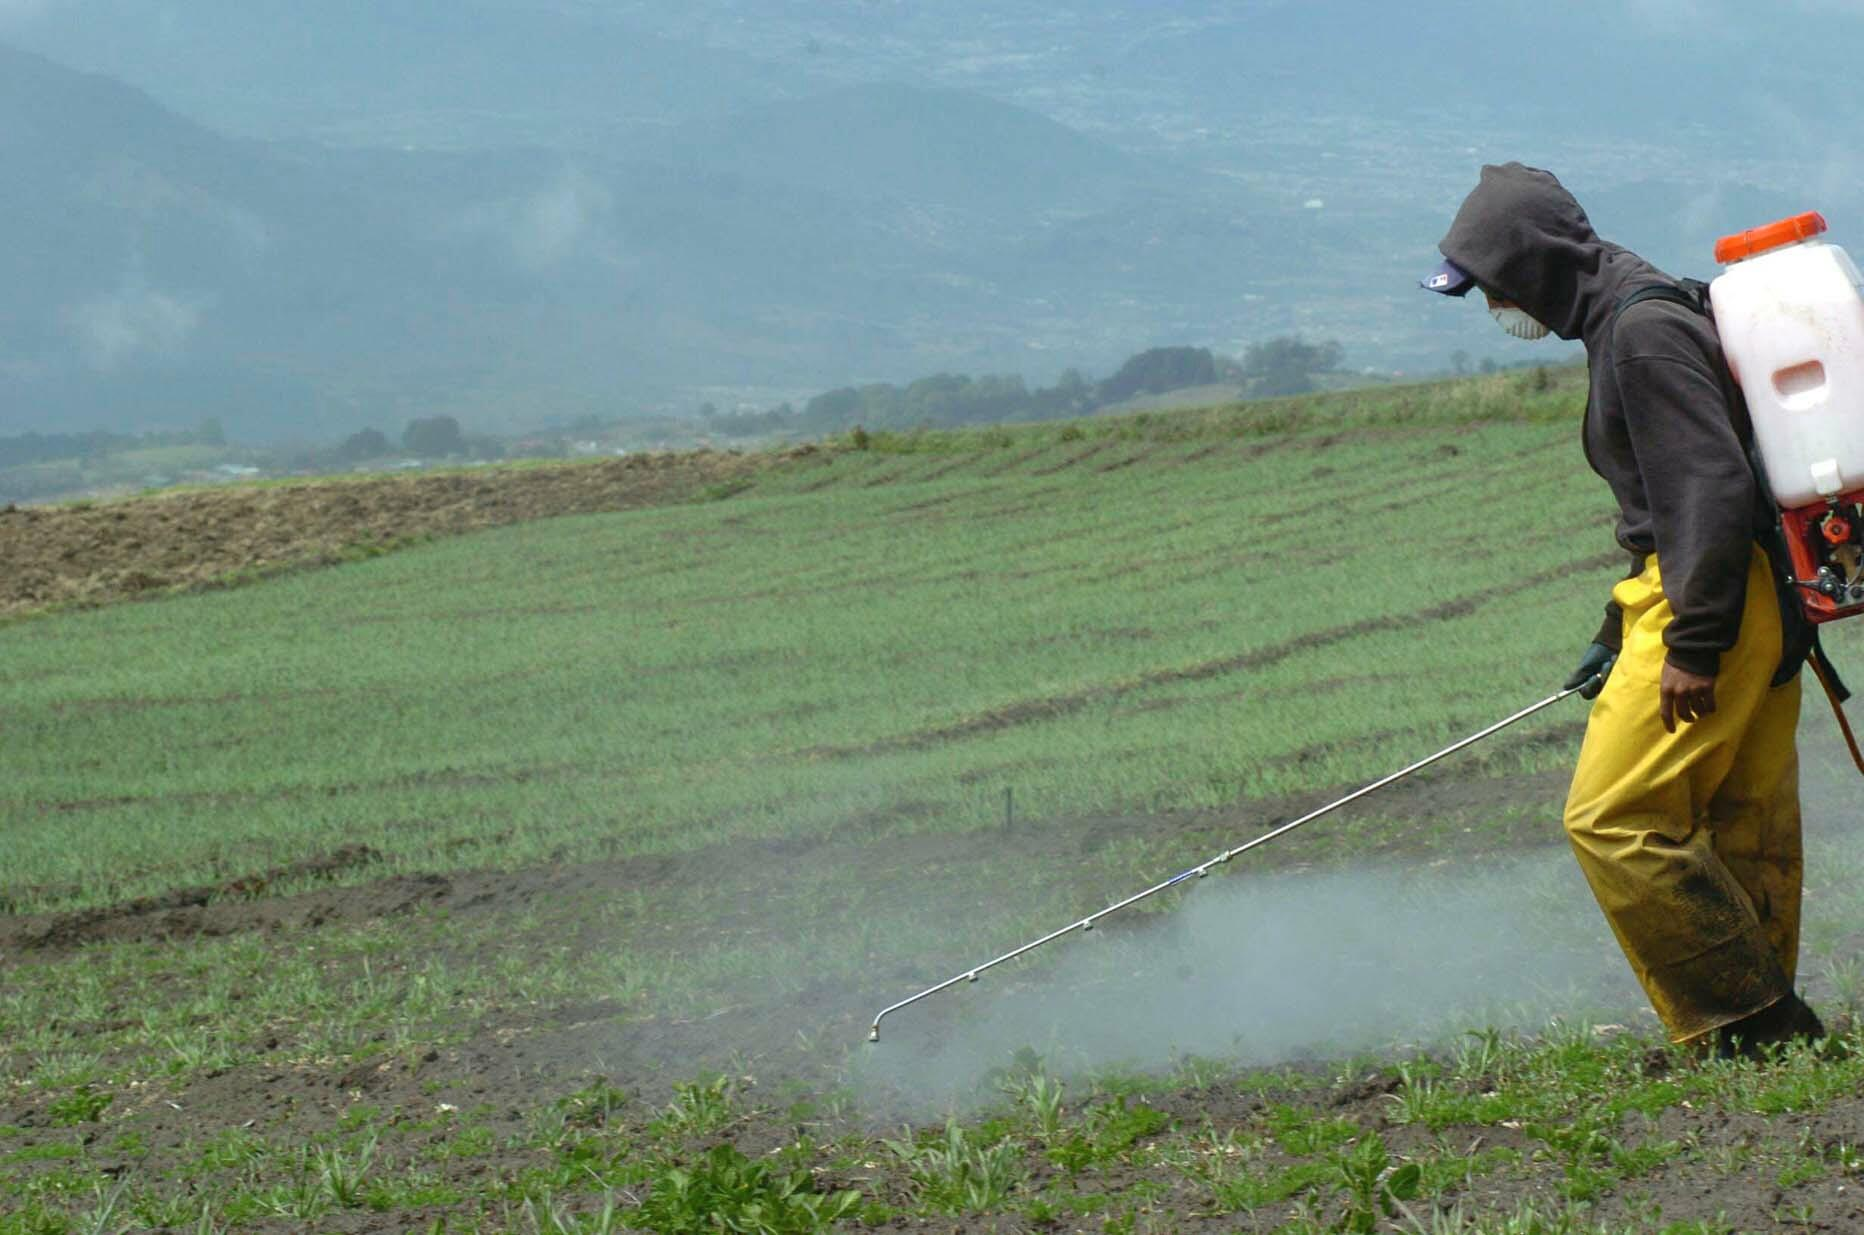 Agroquímicos. La aplicación de agroquímicos se ha incrementado notoriamente en los últimos años en la agroindustria.